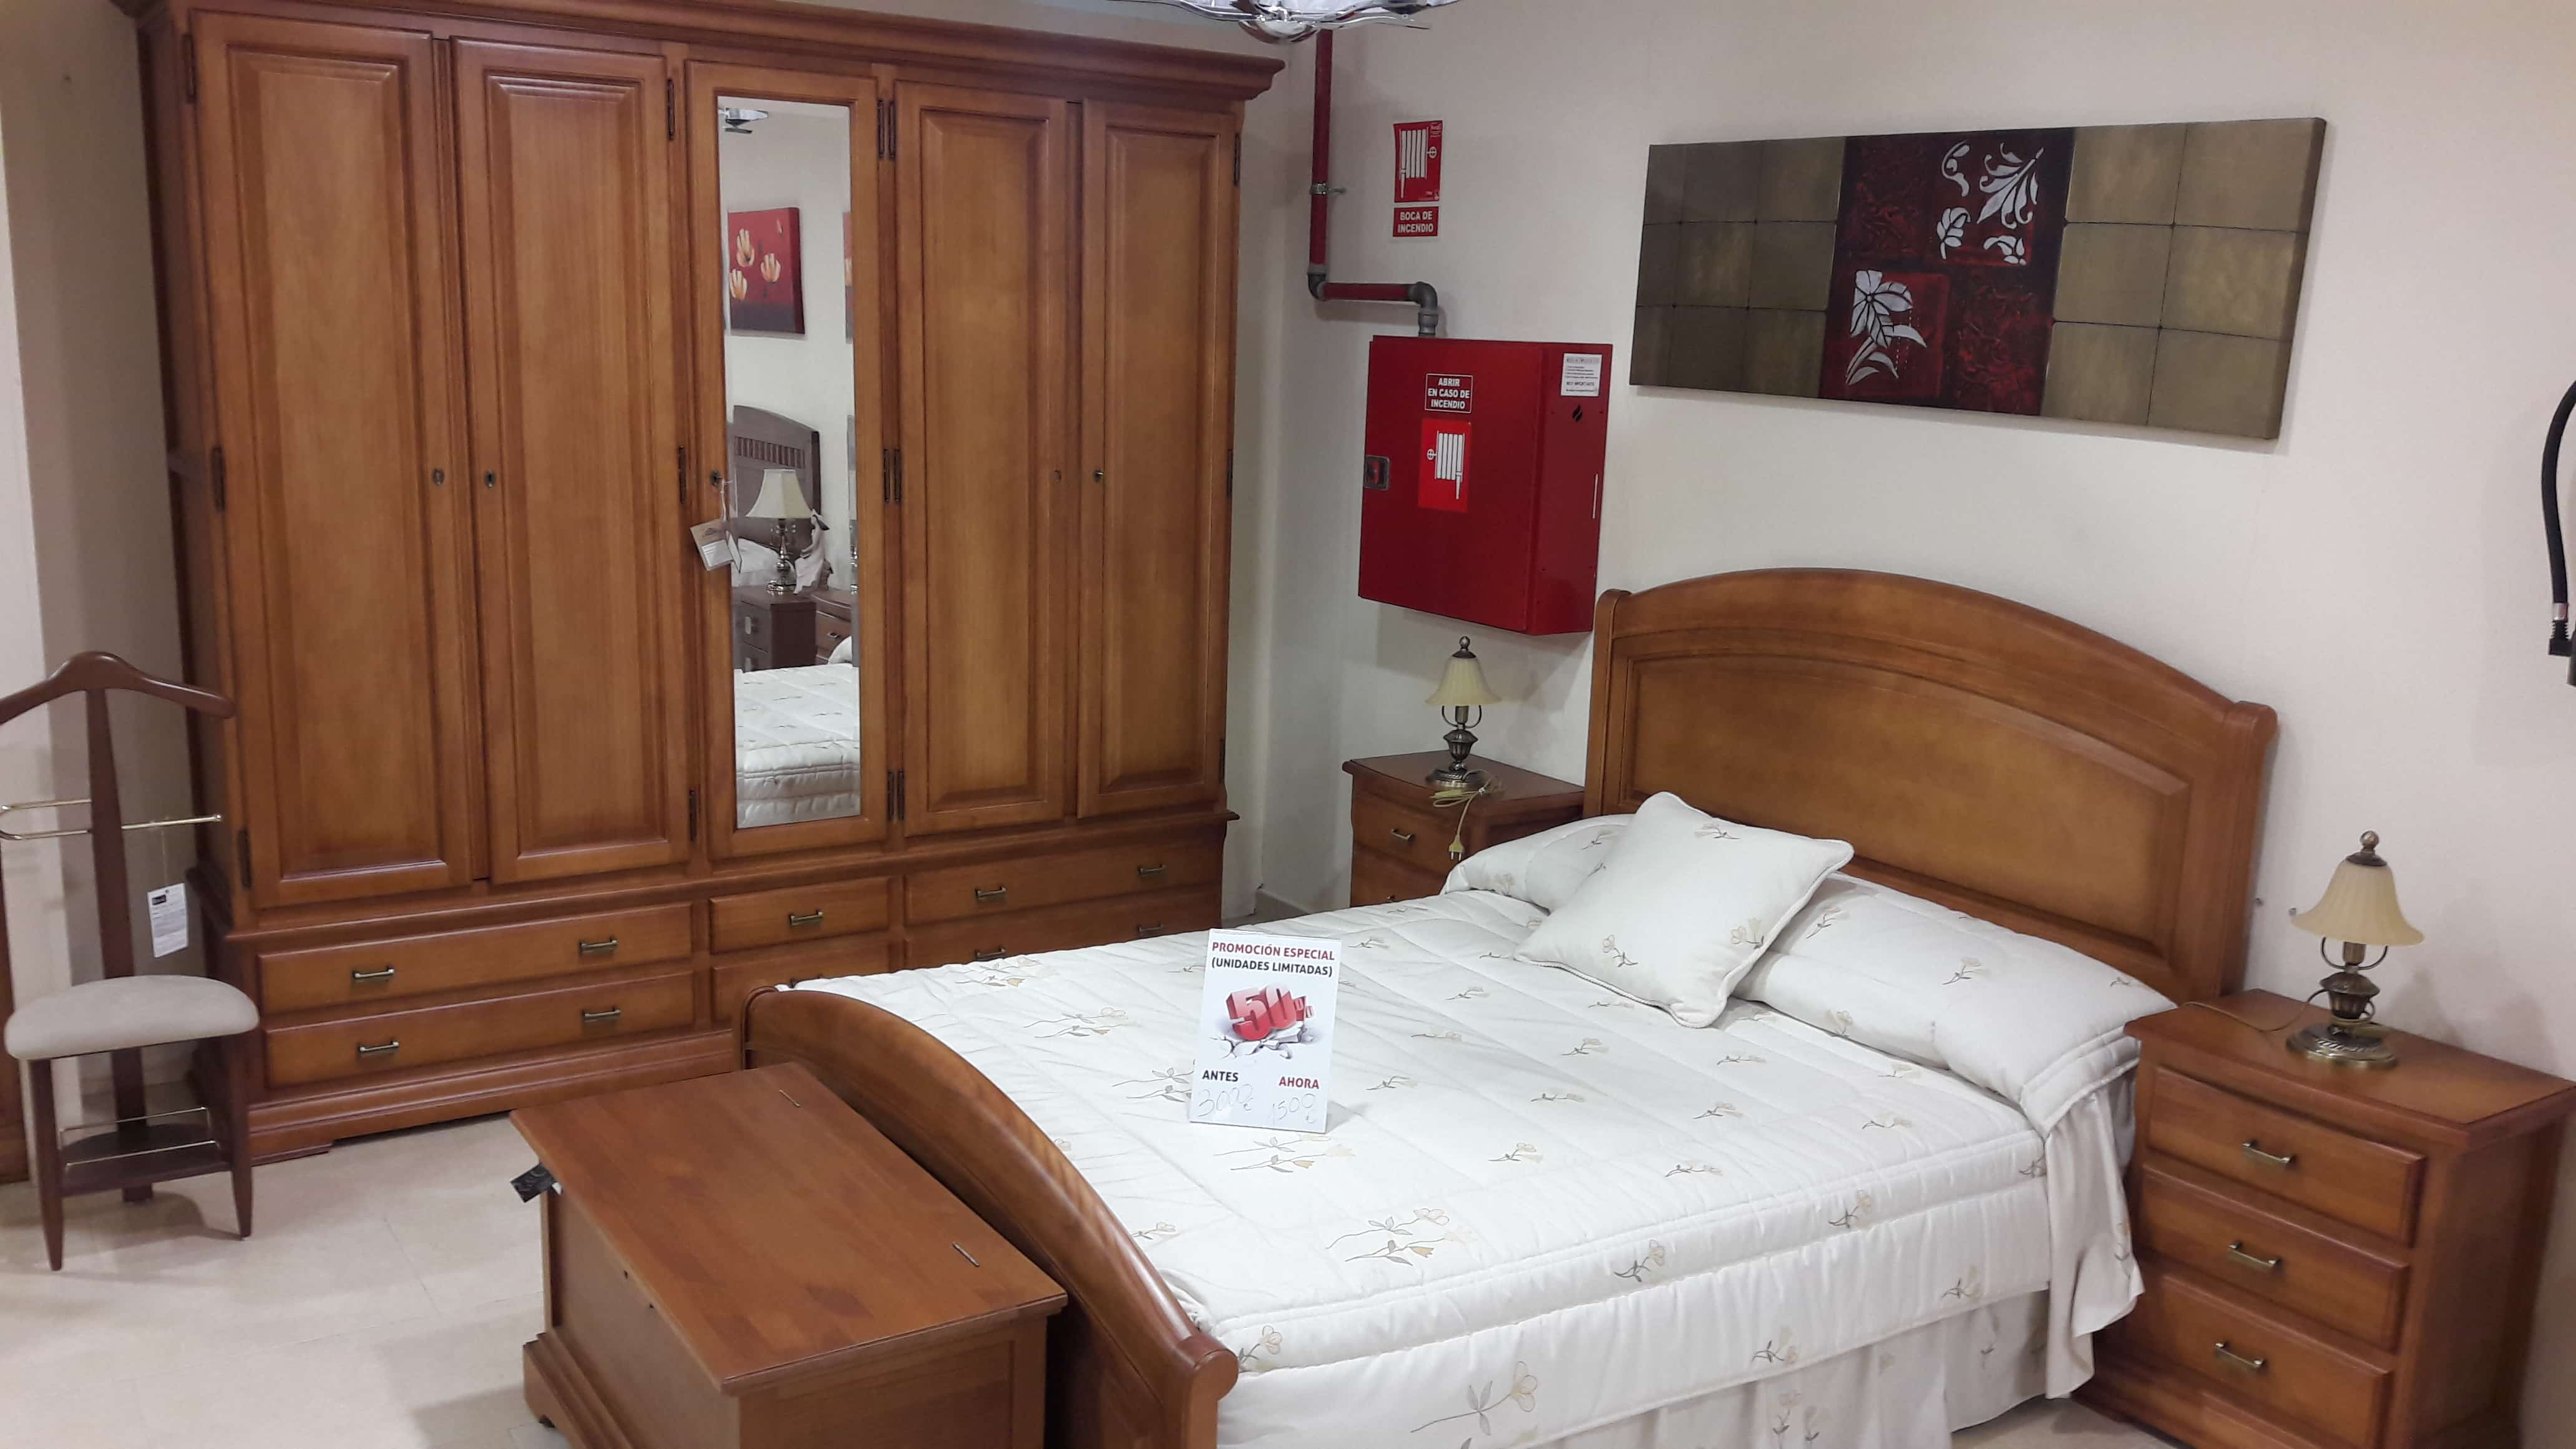 Muebles ruiz y gallego tomelloso muebles ruiz y gallego for Dormitorio completo